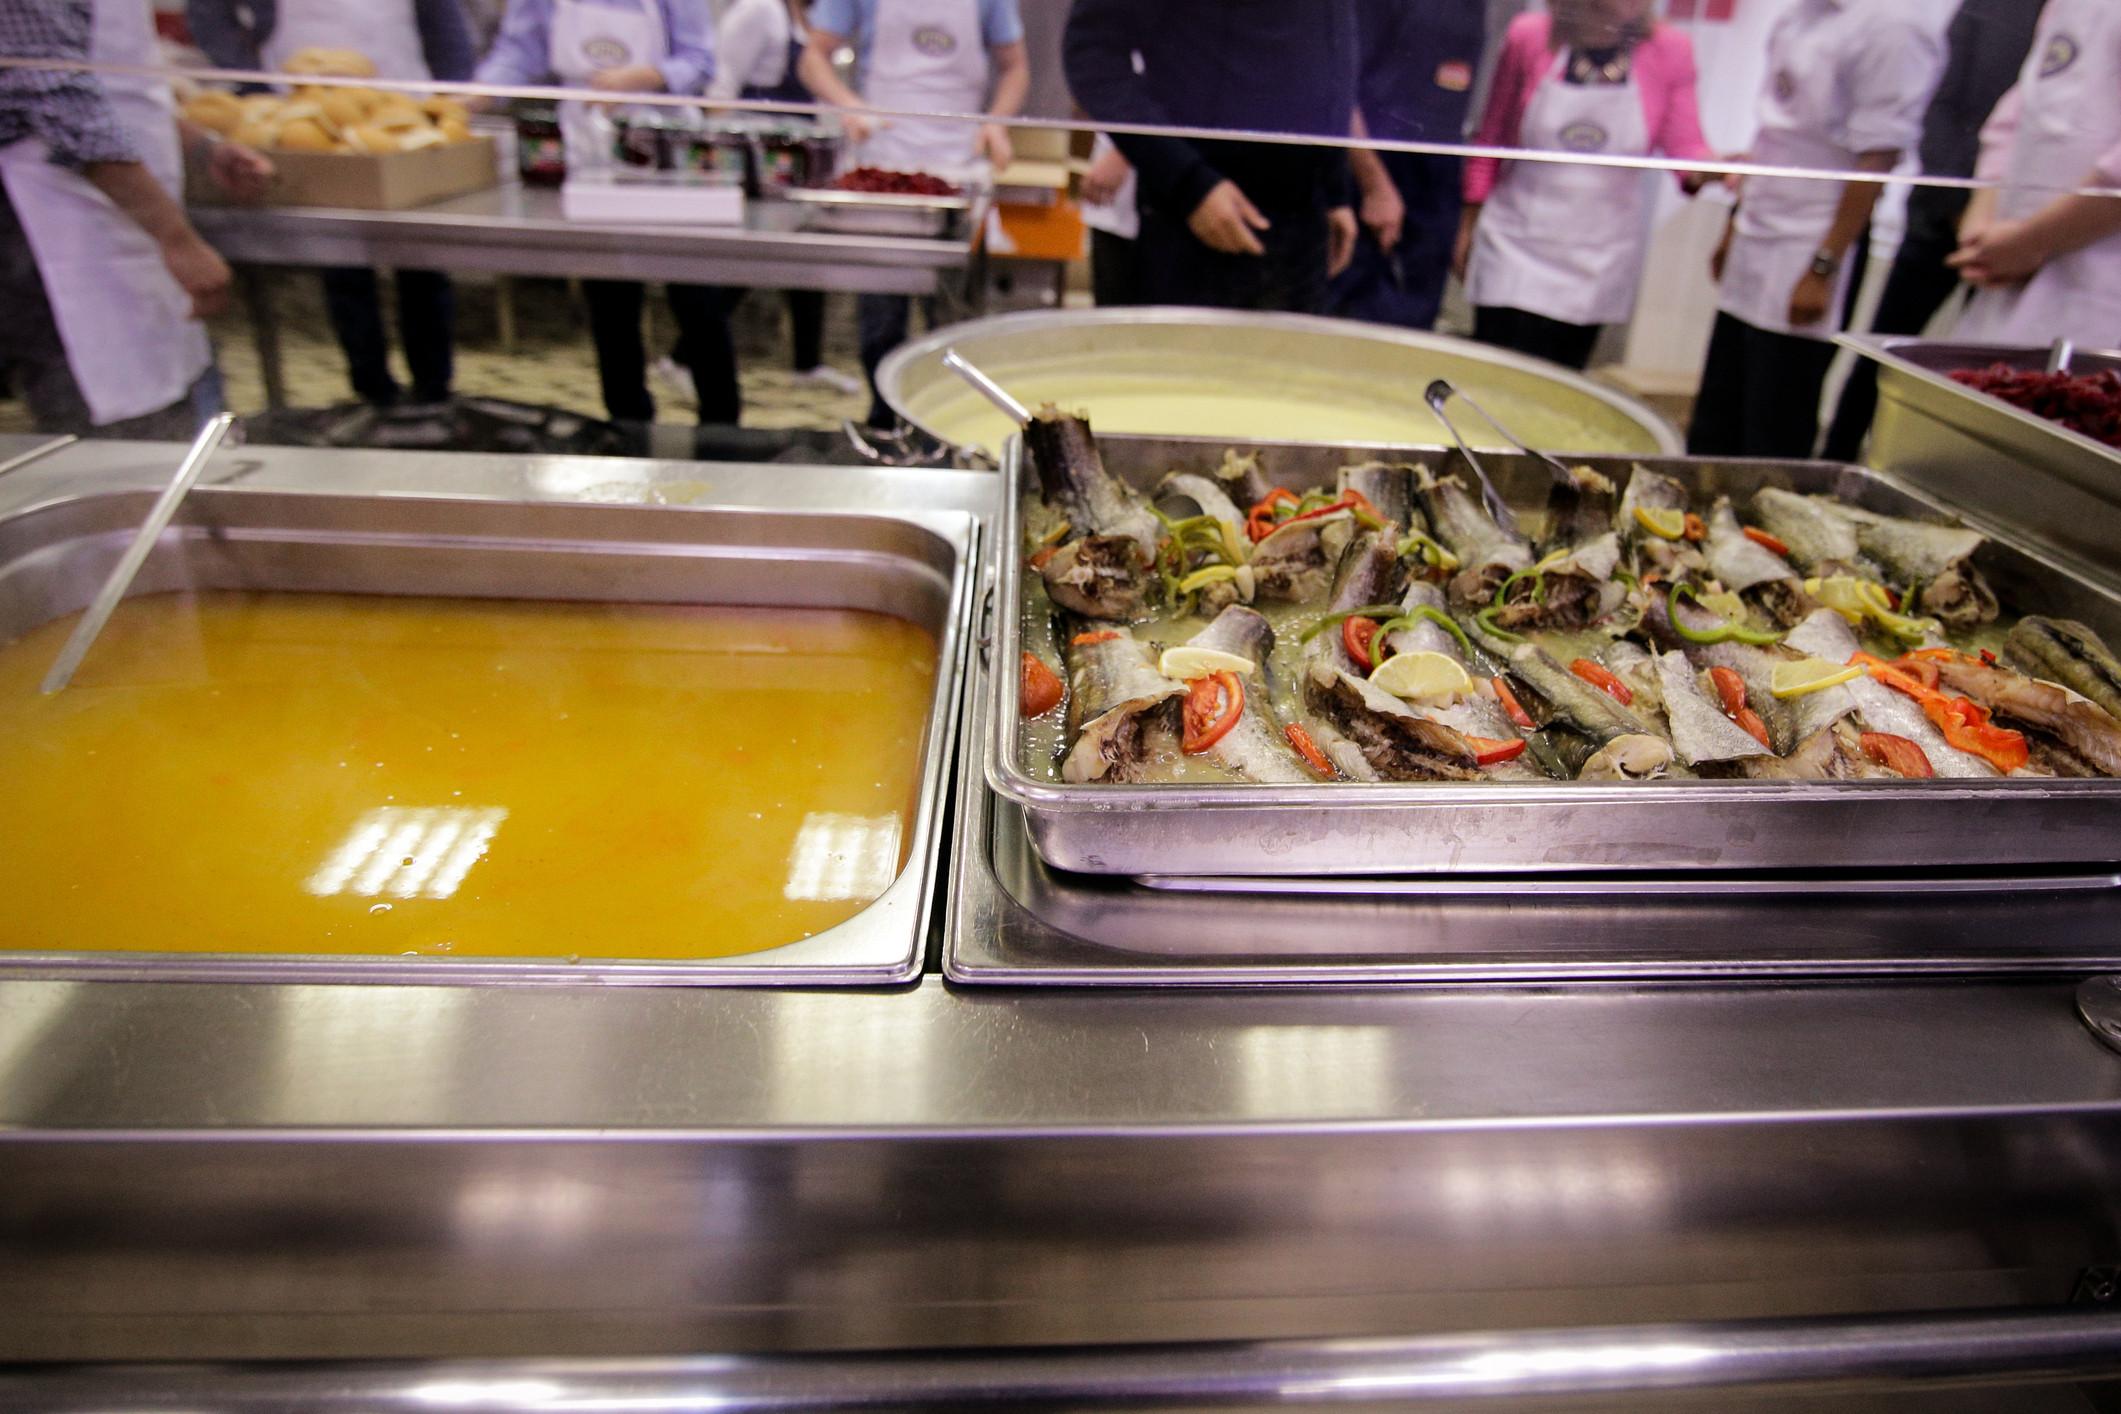 Alunos querem refeições das cantinas mais baratas e apoio para material